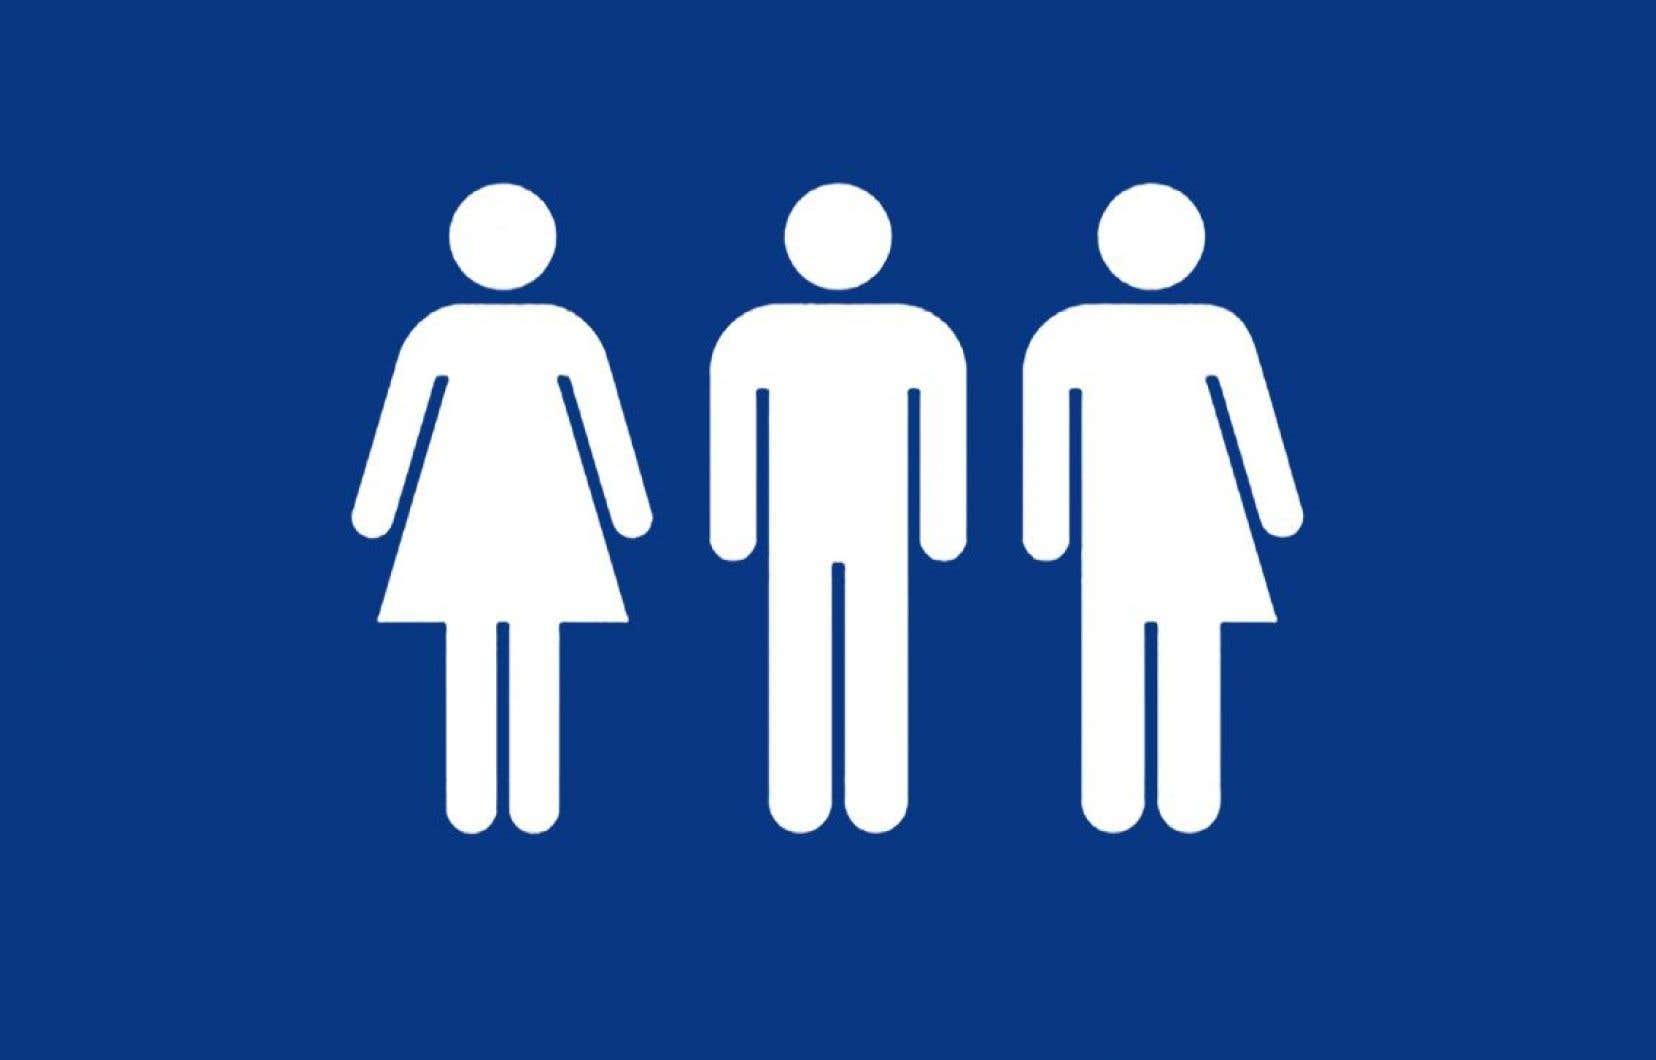 Selon le directeur général du collège Vanier, les nouvelles toilettes universelles permettront à plusieurs étudiants de cesser de souffrir en silence.